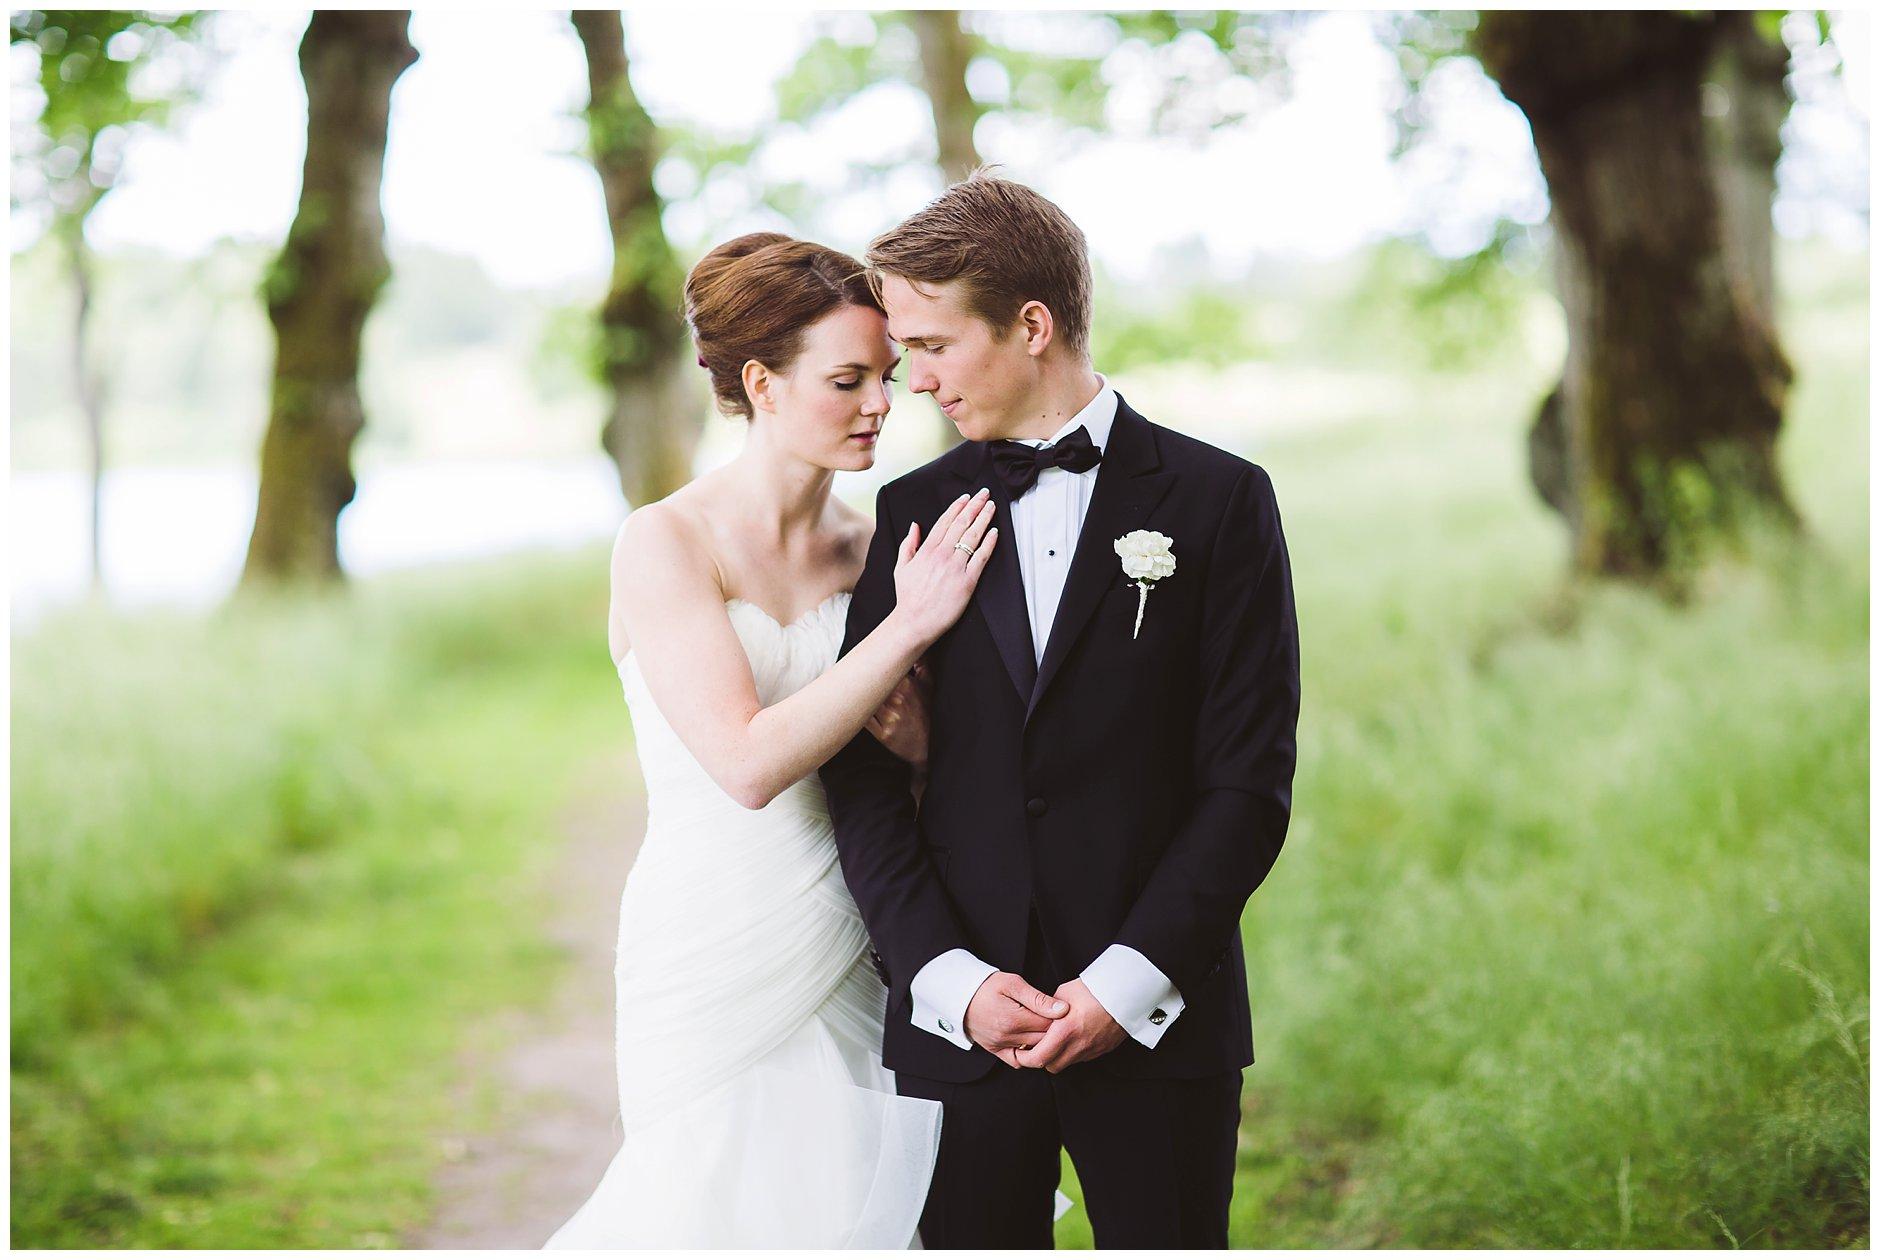 Bryllupsbilder ekte følelser